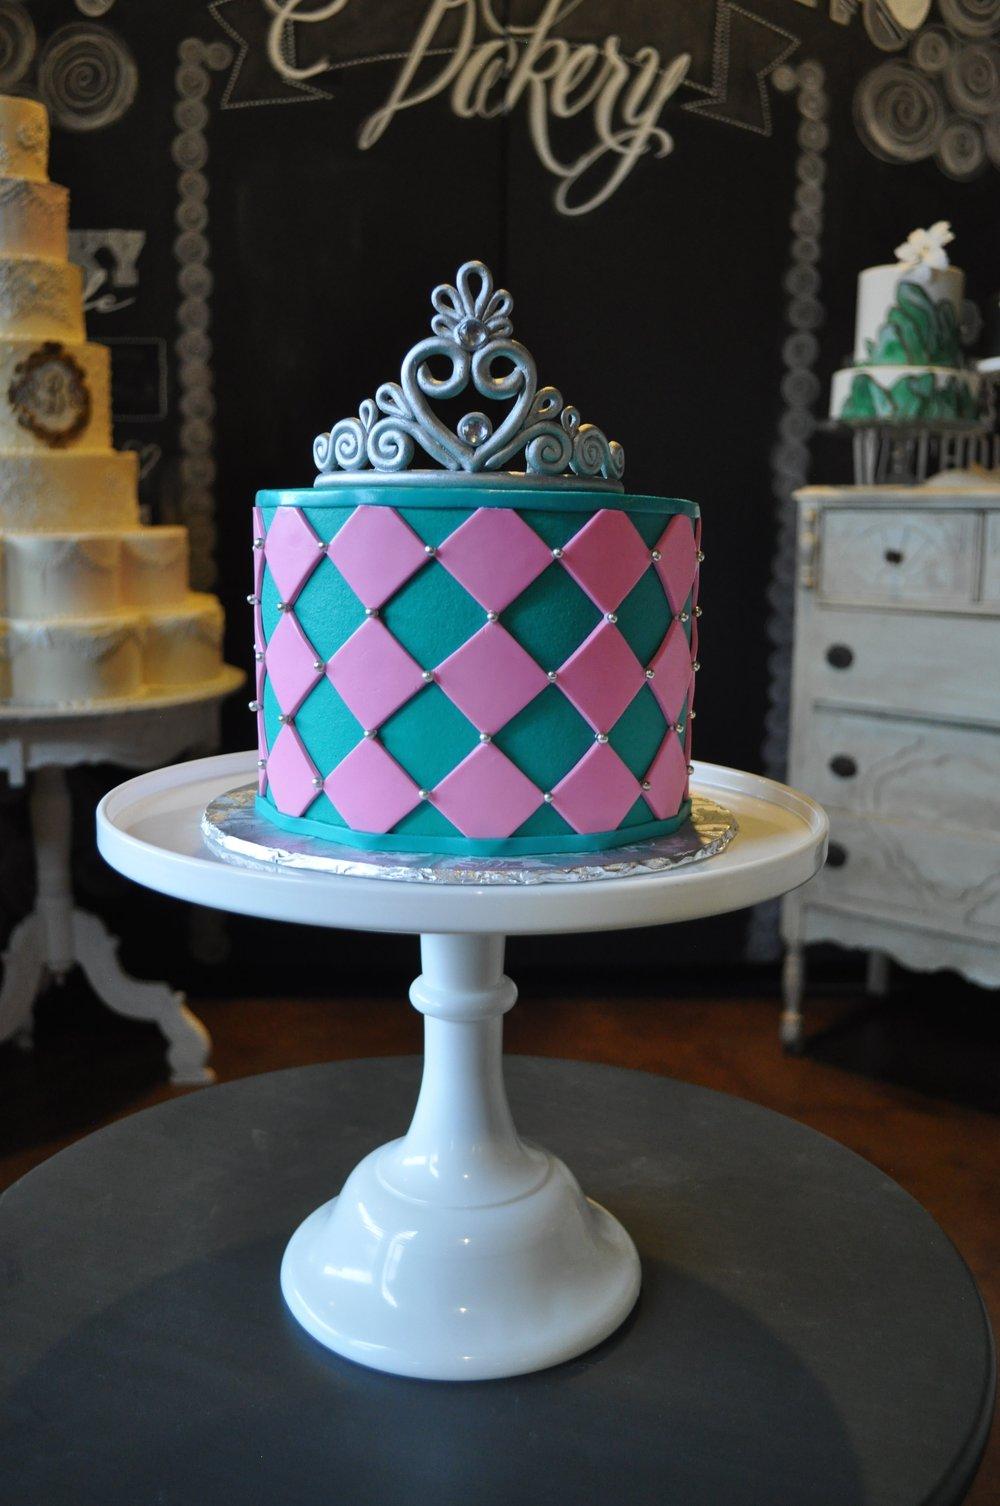 Princess Argyle Cake.jpg